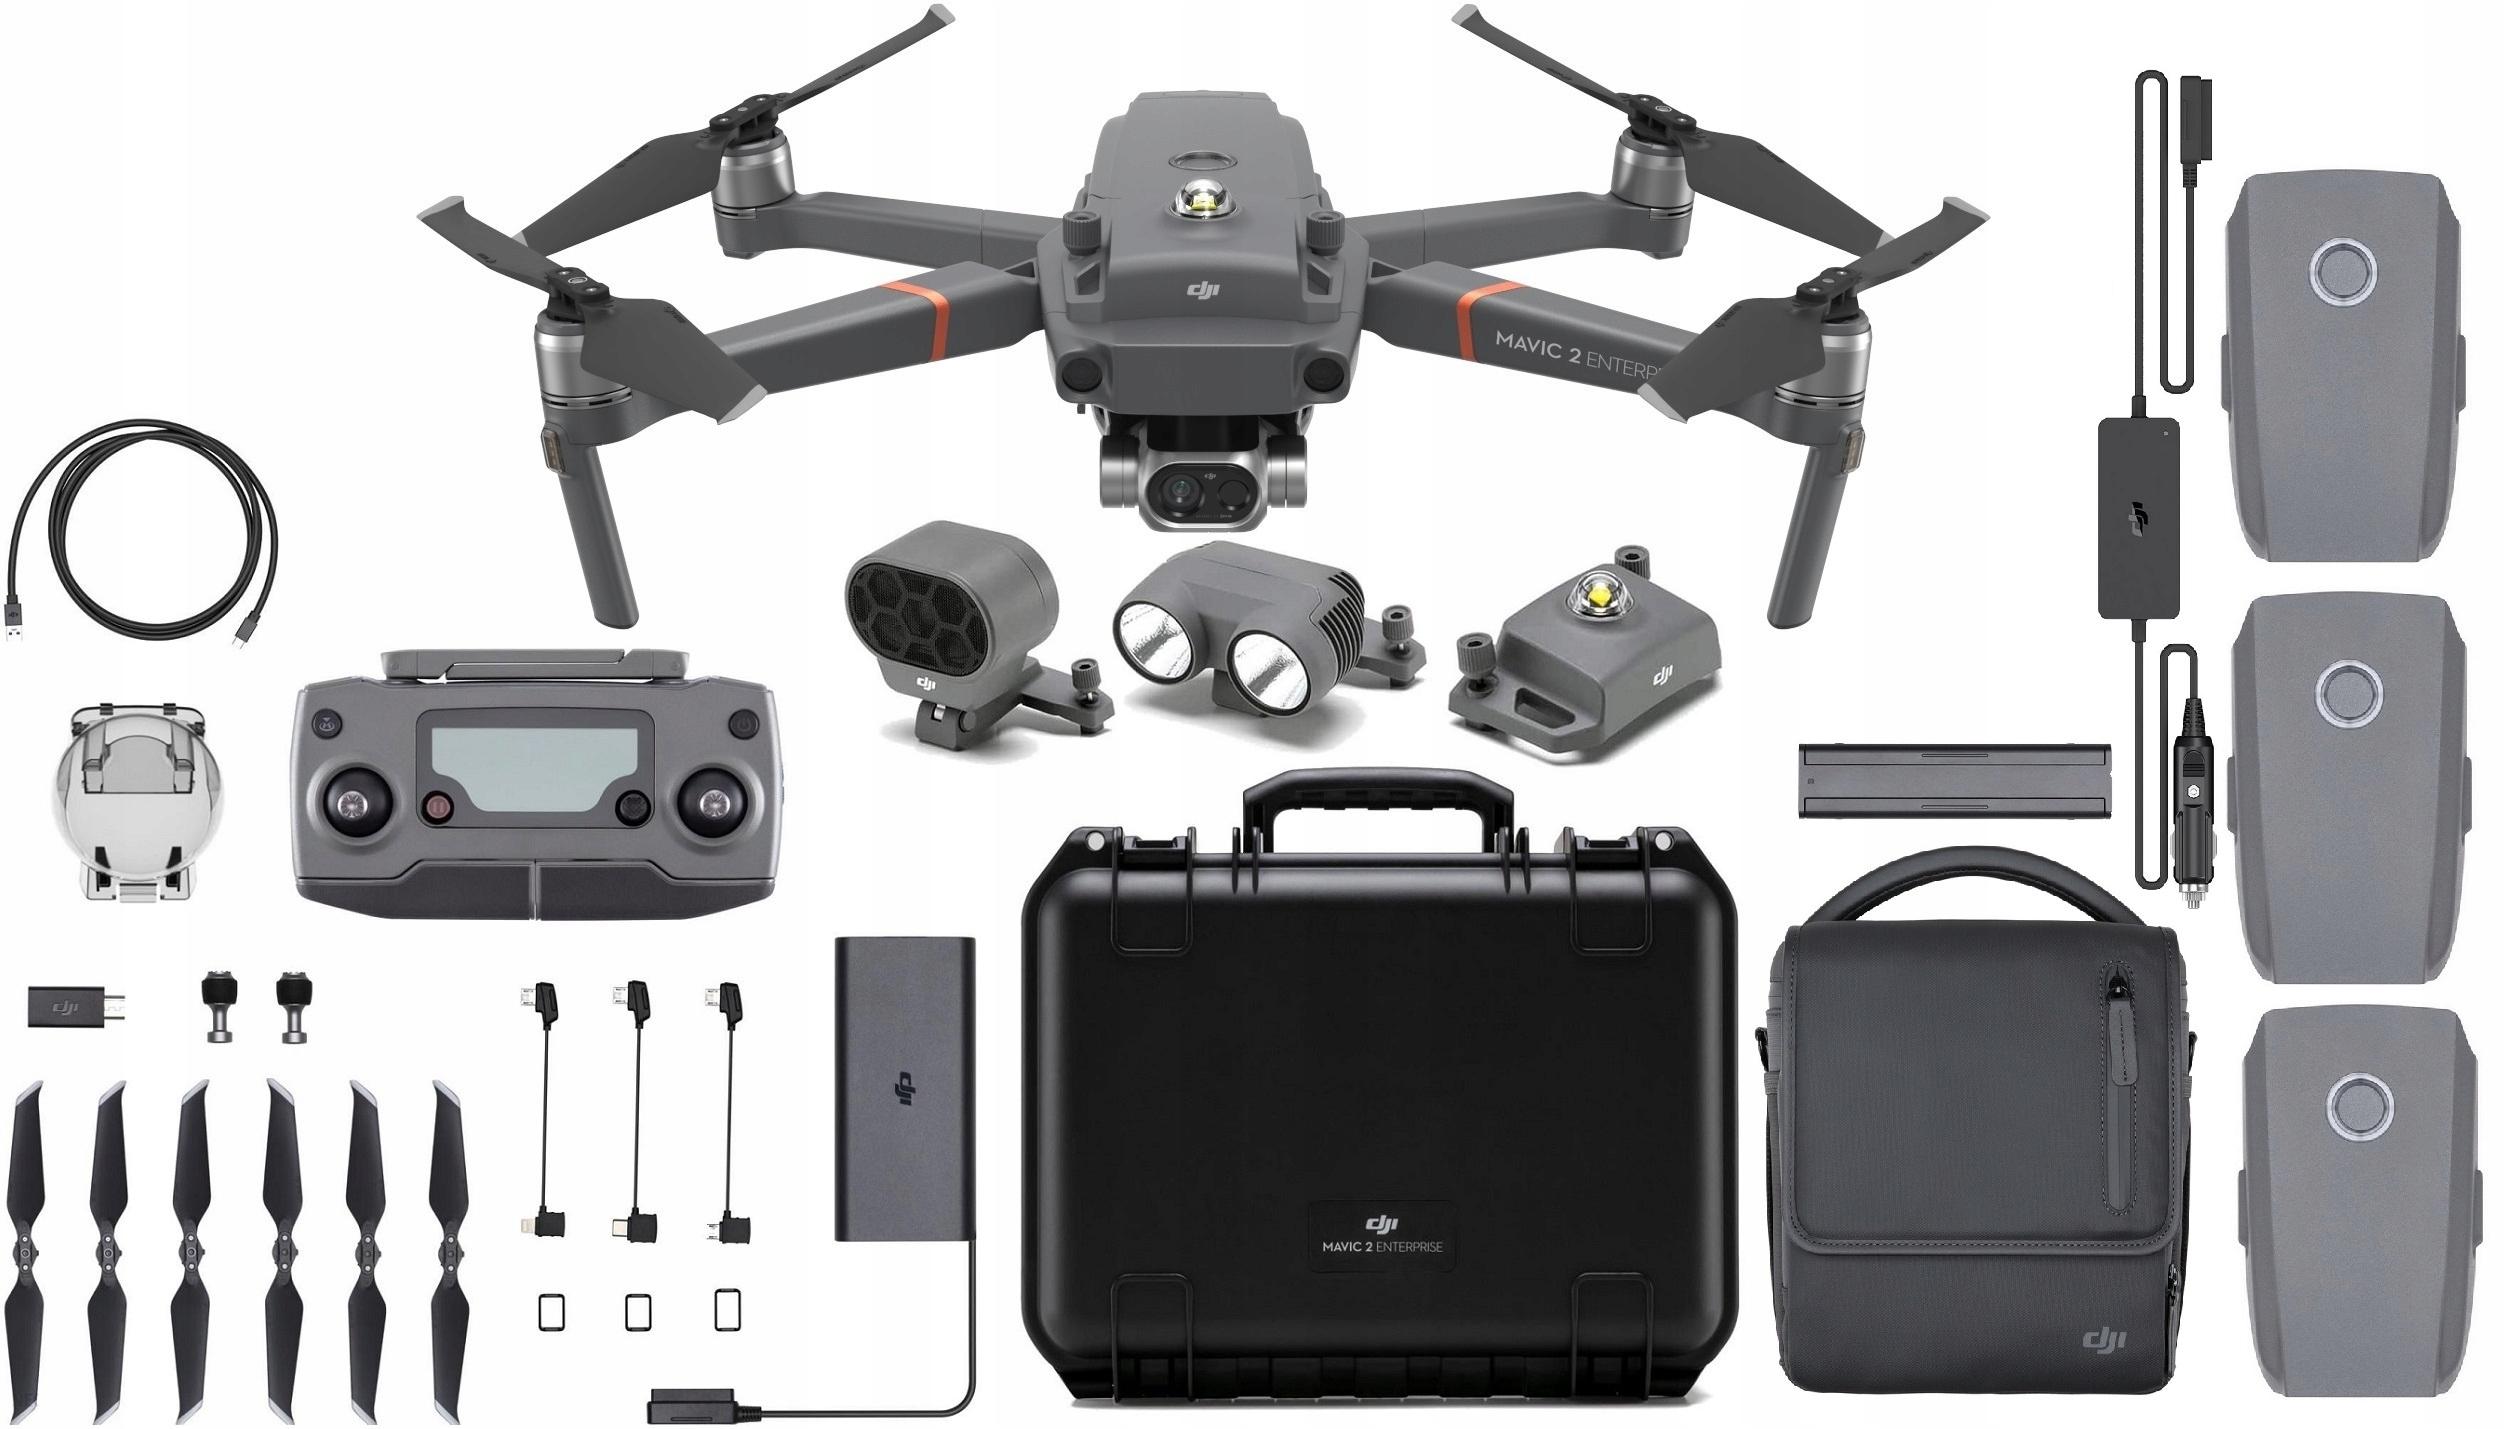 Dron DJI Mavic 2 Enterprise Dual Combo Termowizja